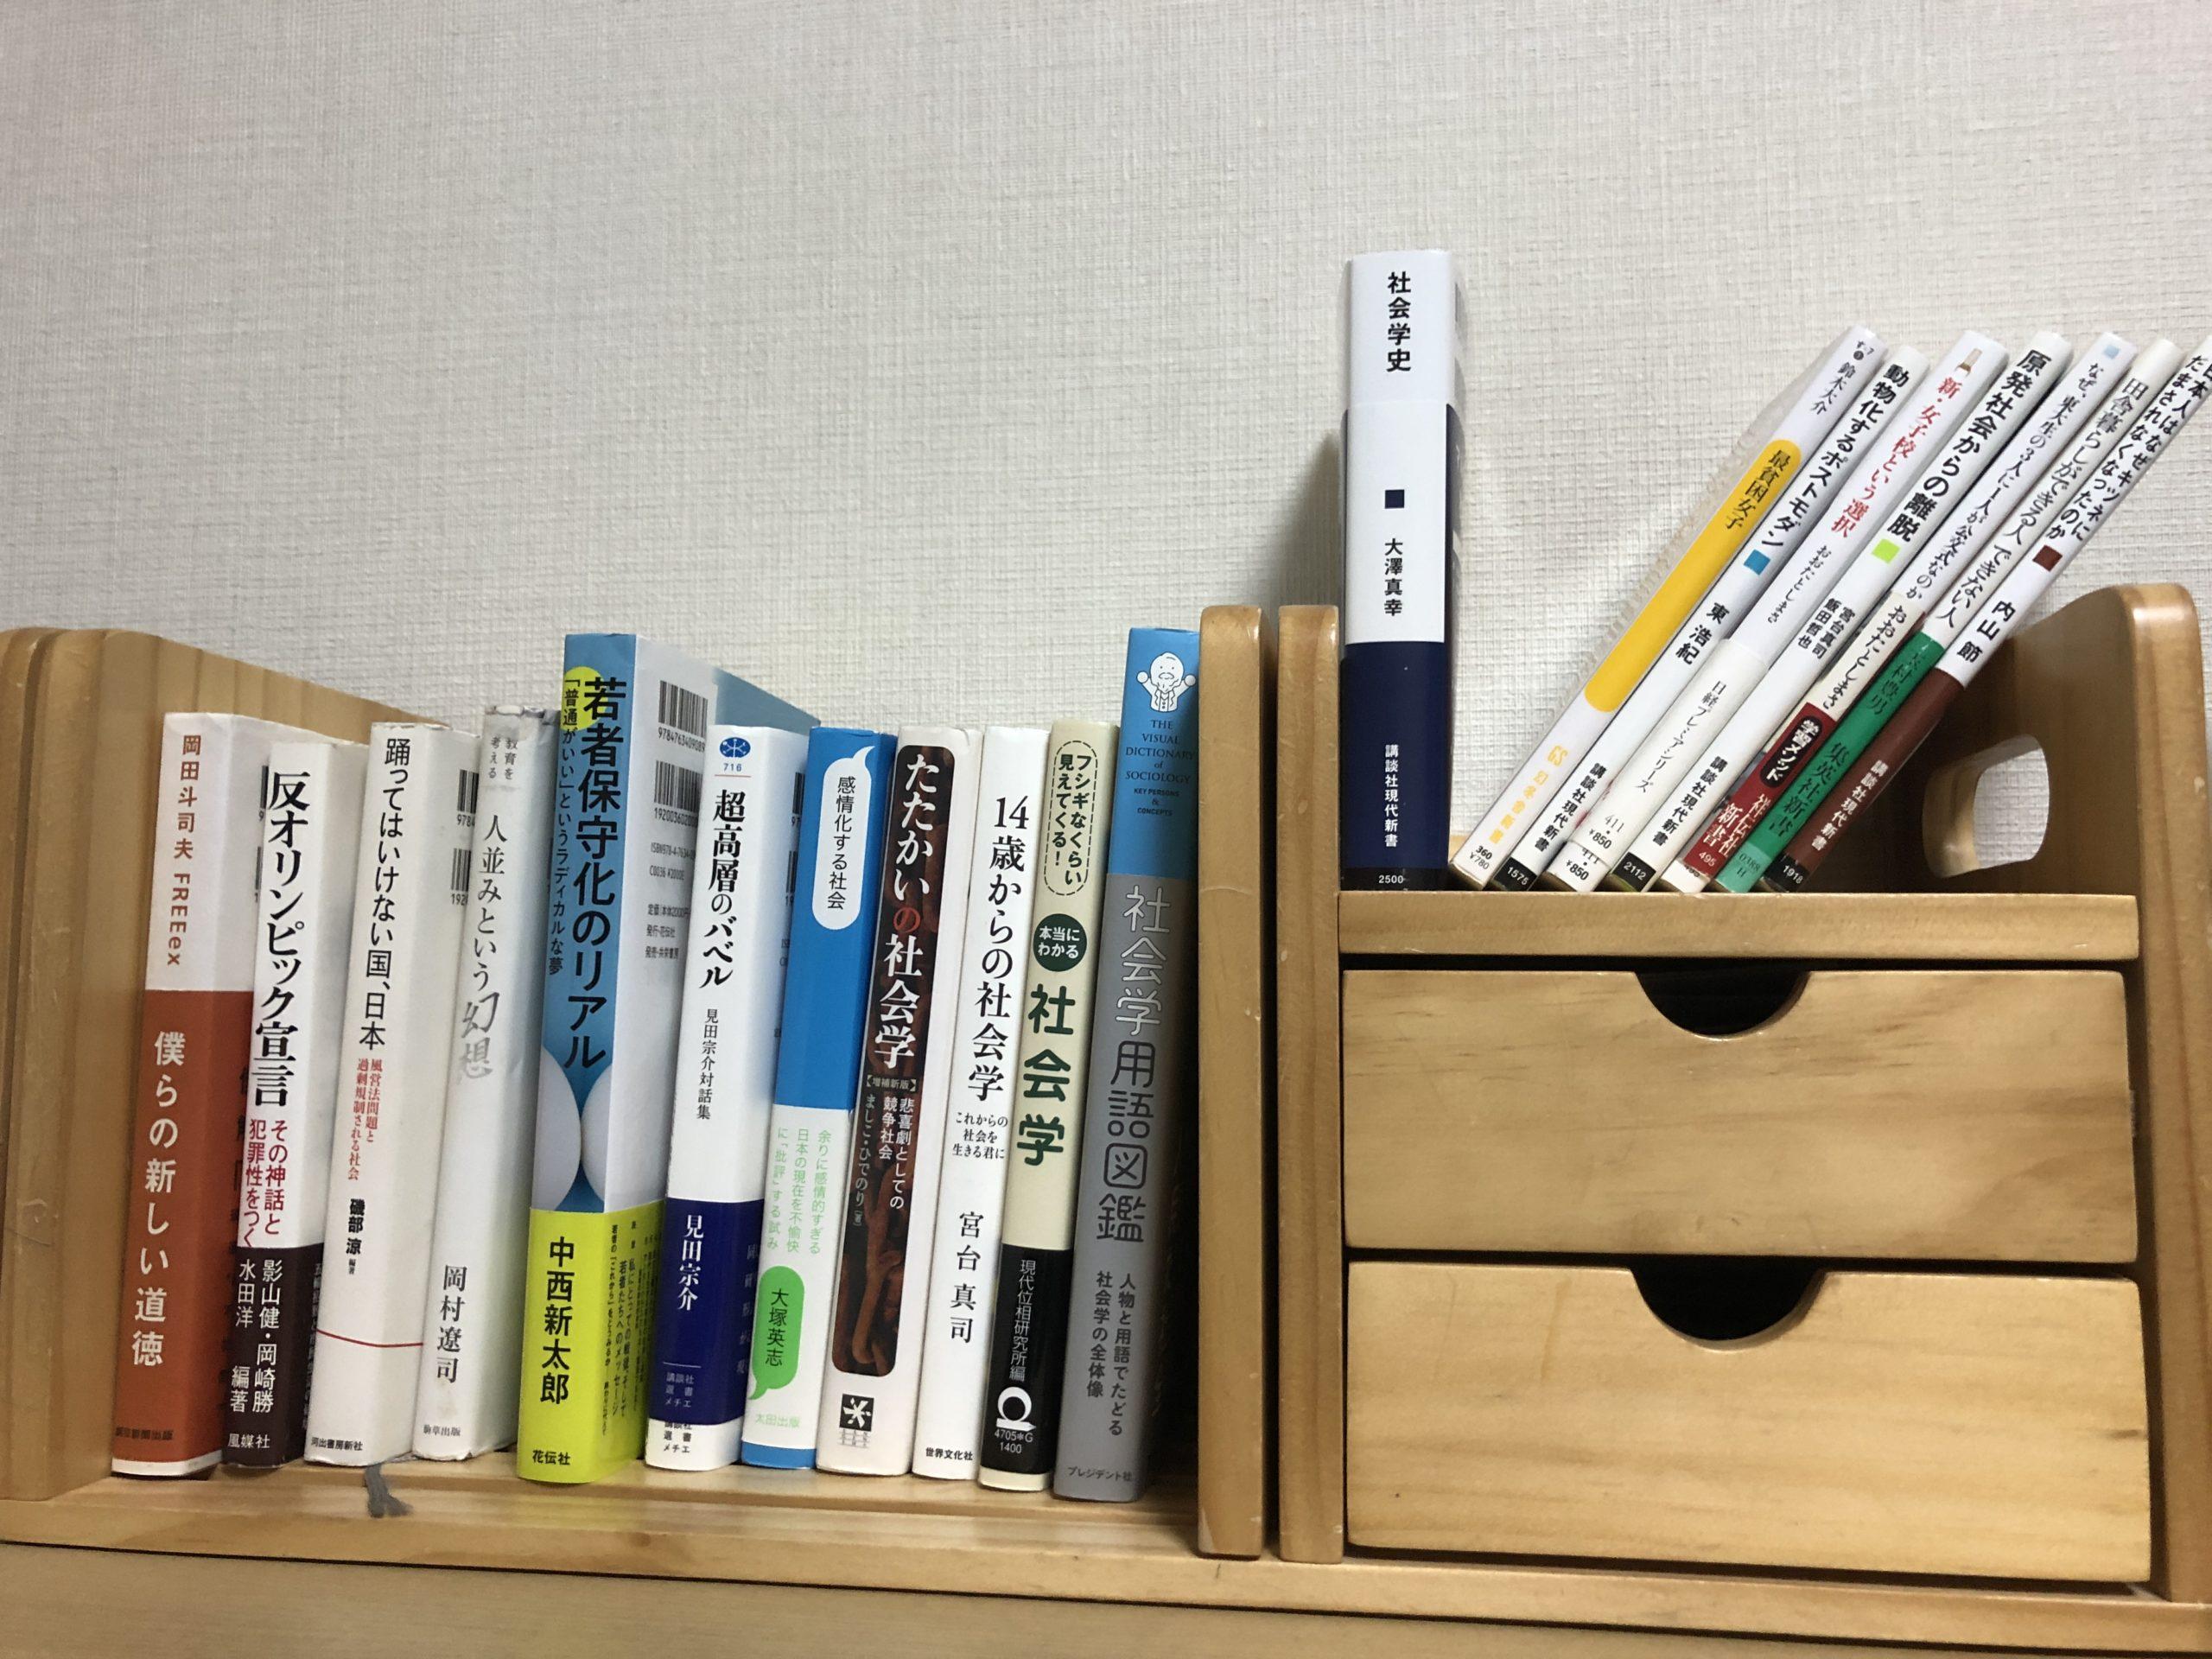 オンライン授業に変わって。「本でも読んどけ!」という教師室からの声を待ち続ける